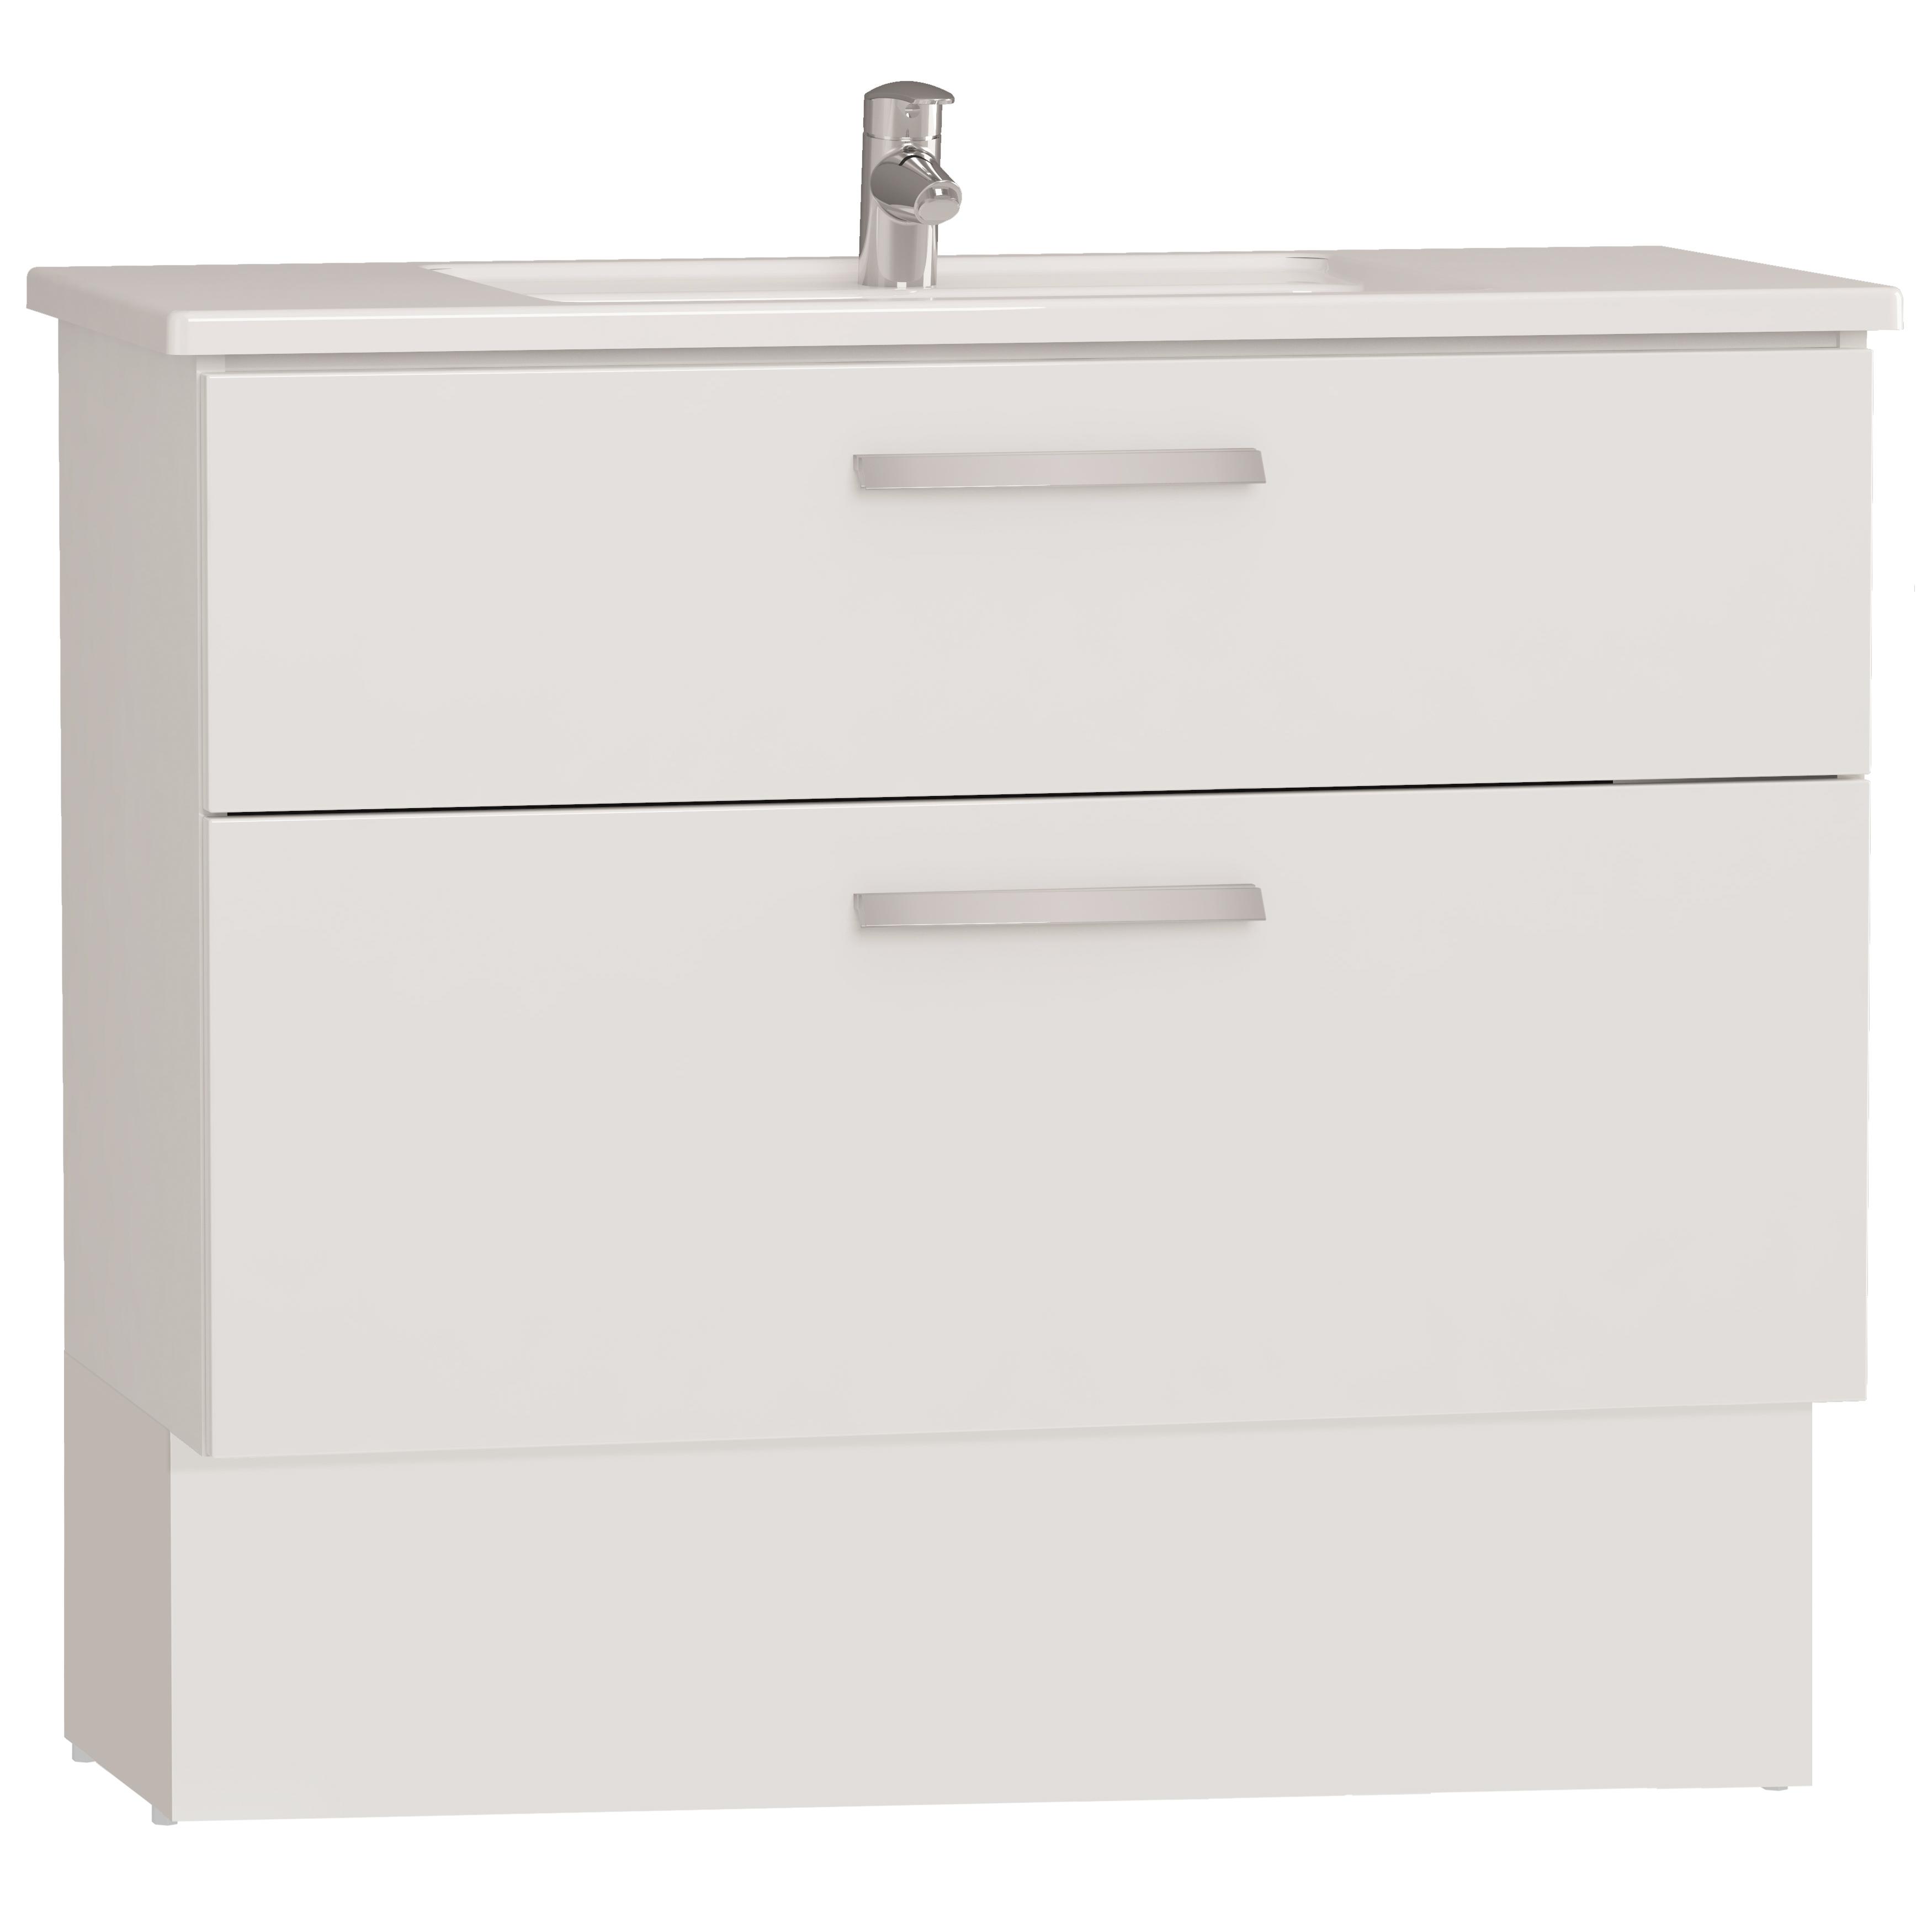 Integra socle pour meuble avec plan céramique avec deux tiroirs, 100 cm, blanc haute brillance